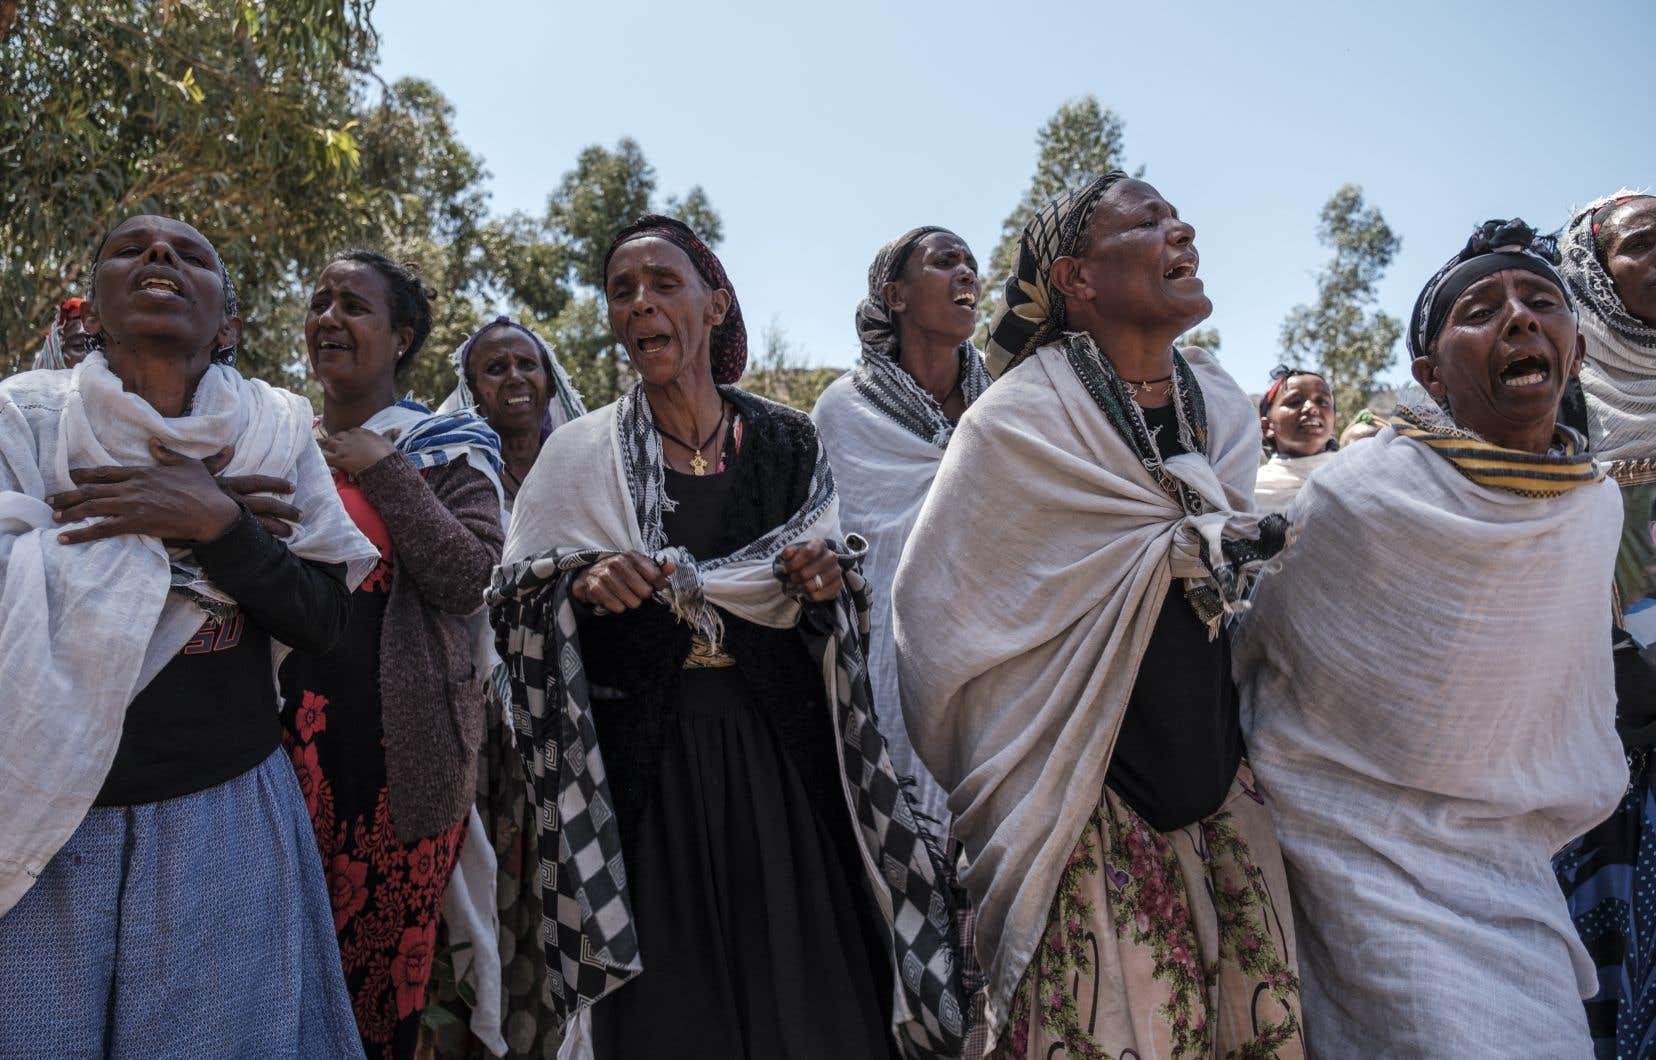 Des femmes pleurent les victimes d'un massacre qui aurait été perpétré par des soldats érythréens dans le village de Dengolat, au nord de Mekele, la capitale du Tigré, le 26 février.